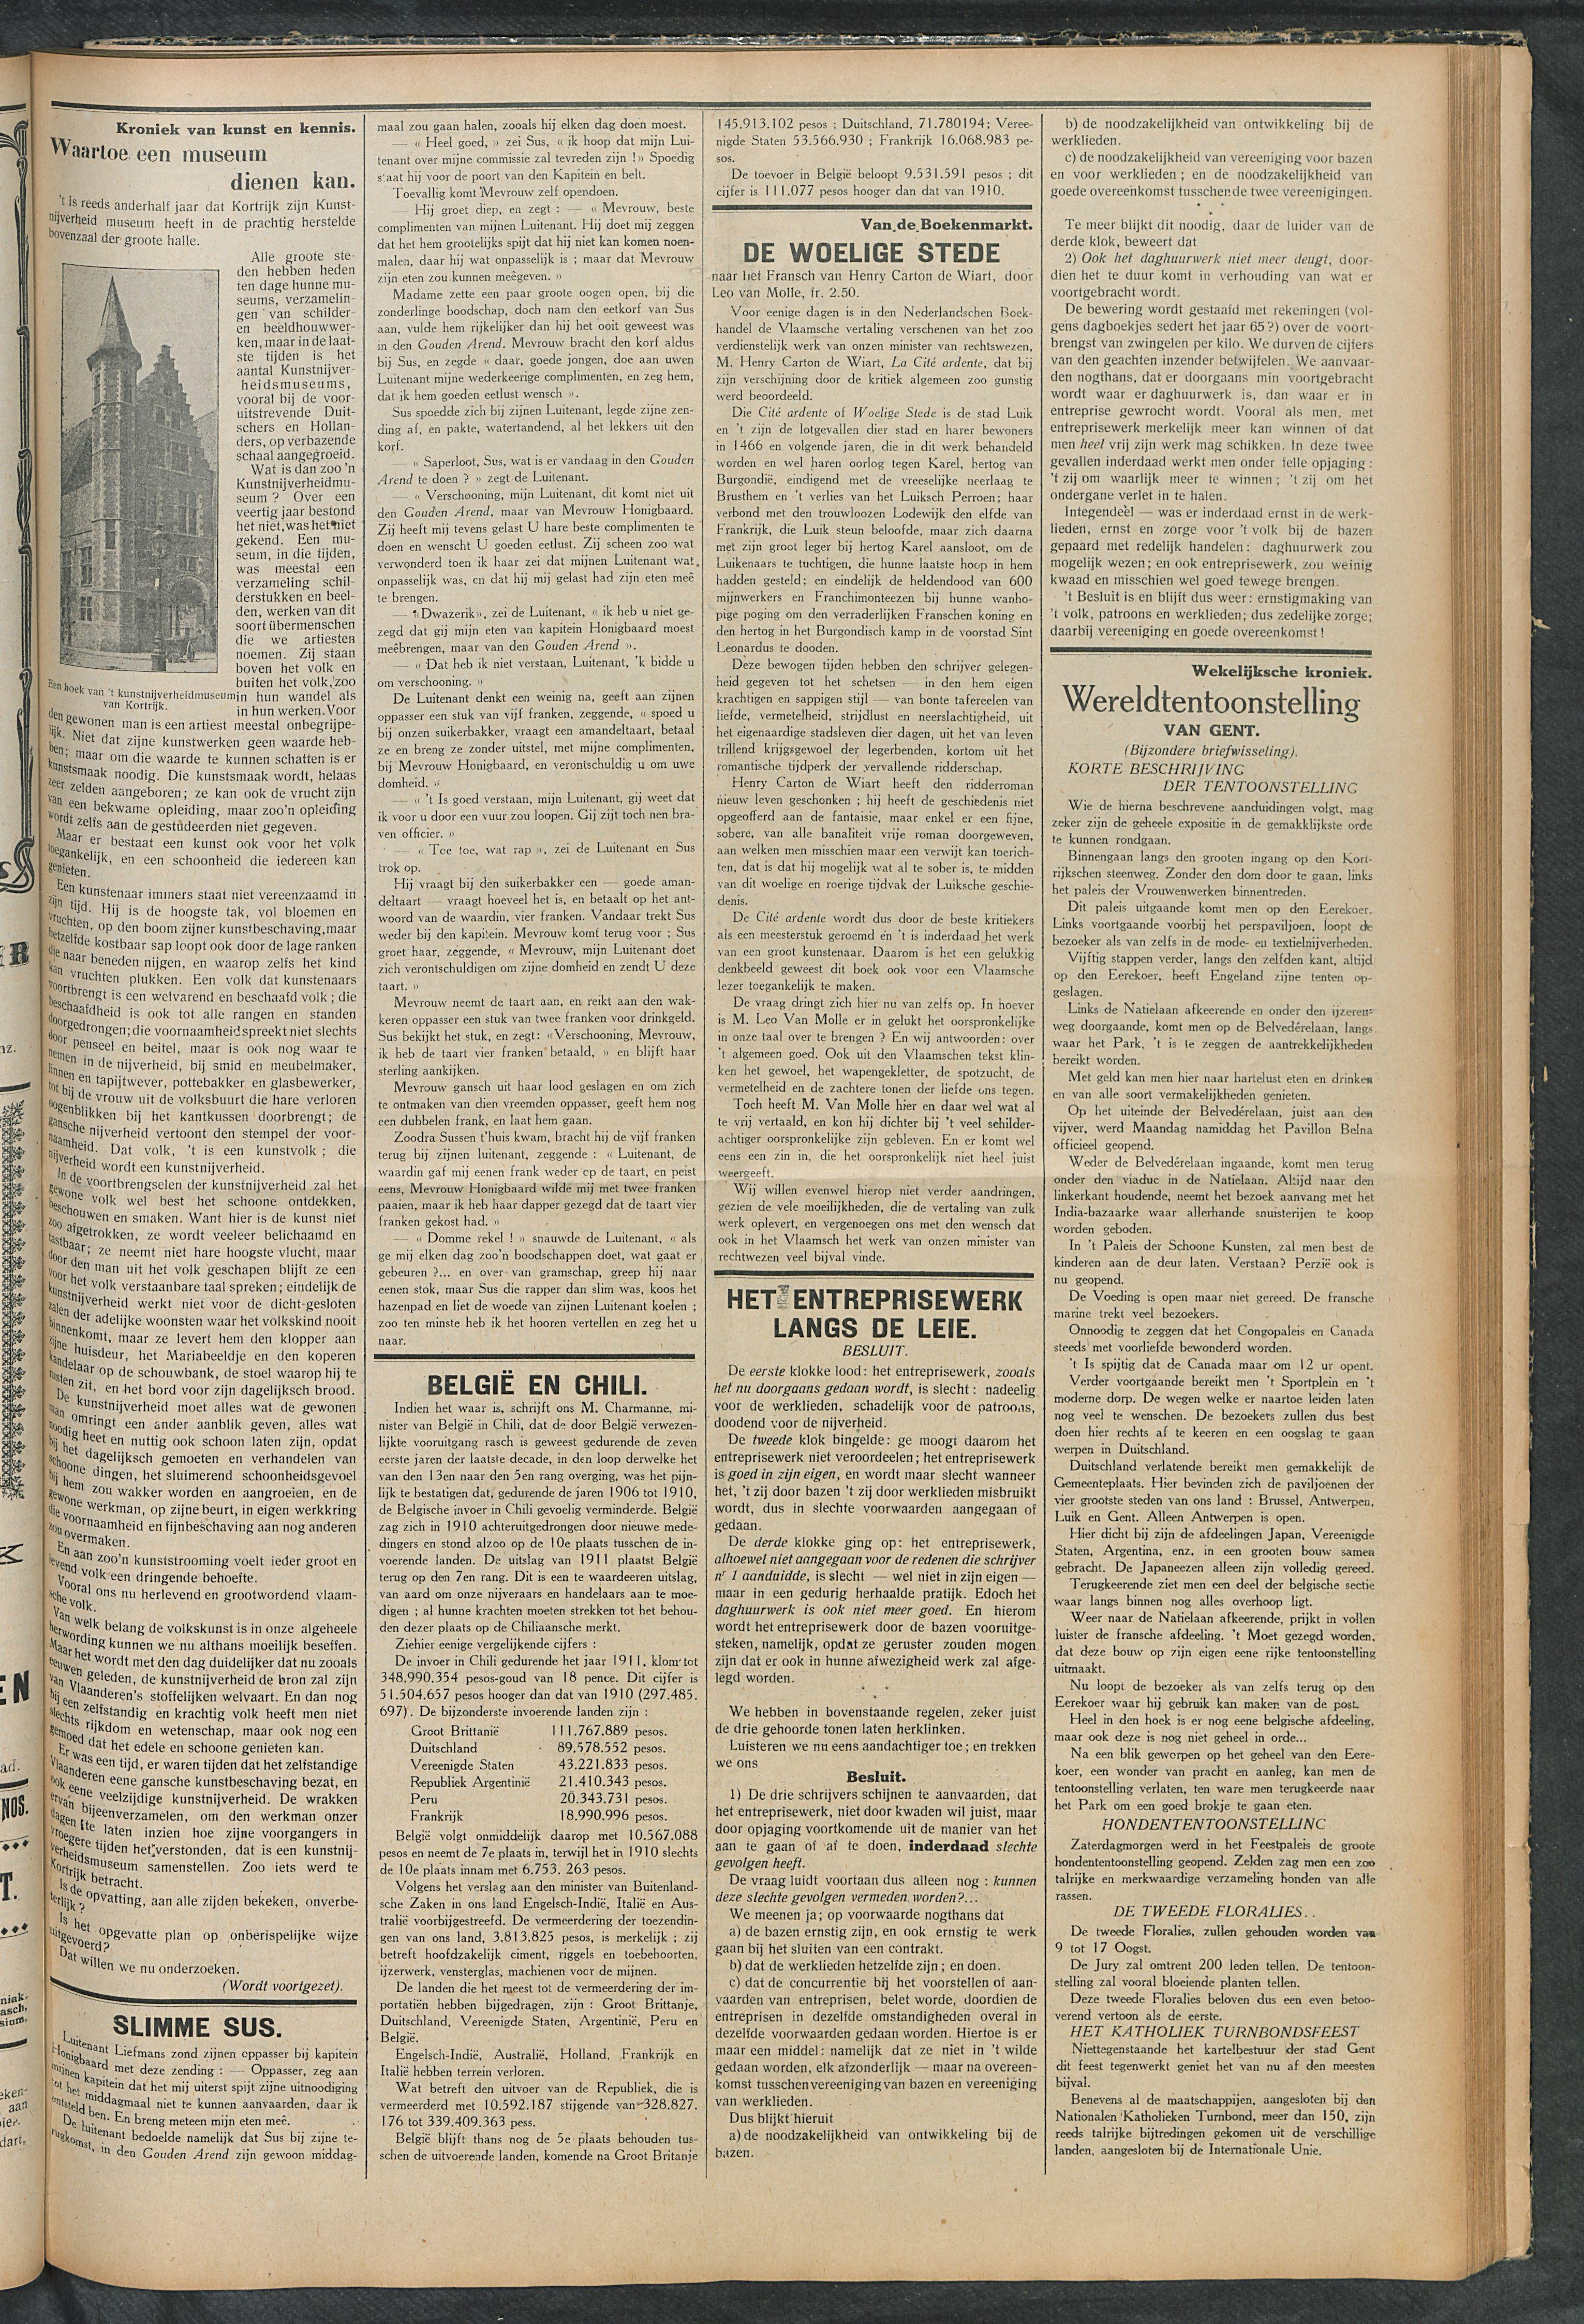 Het Kortrijksche Volk 1913-05-25 p5